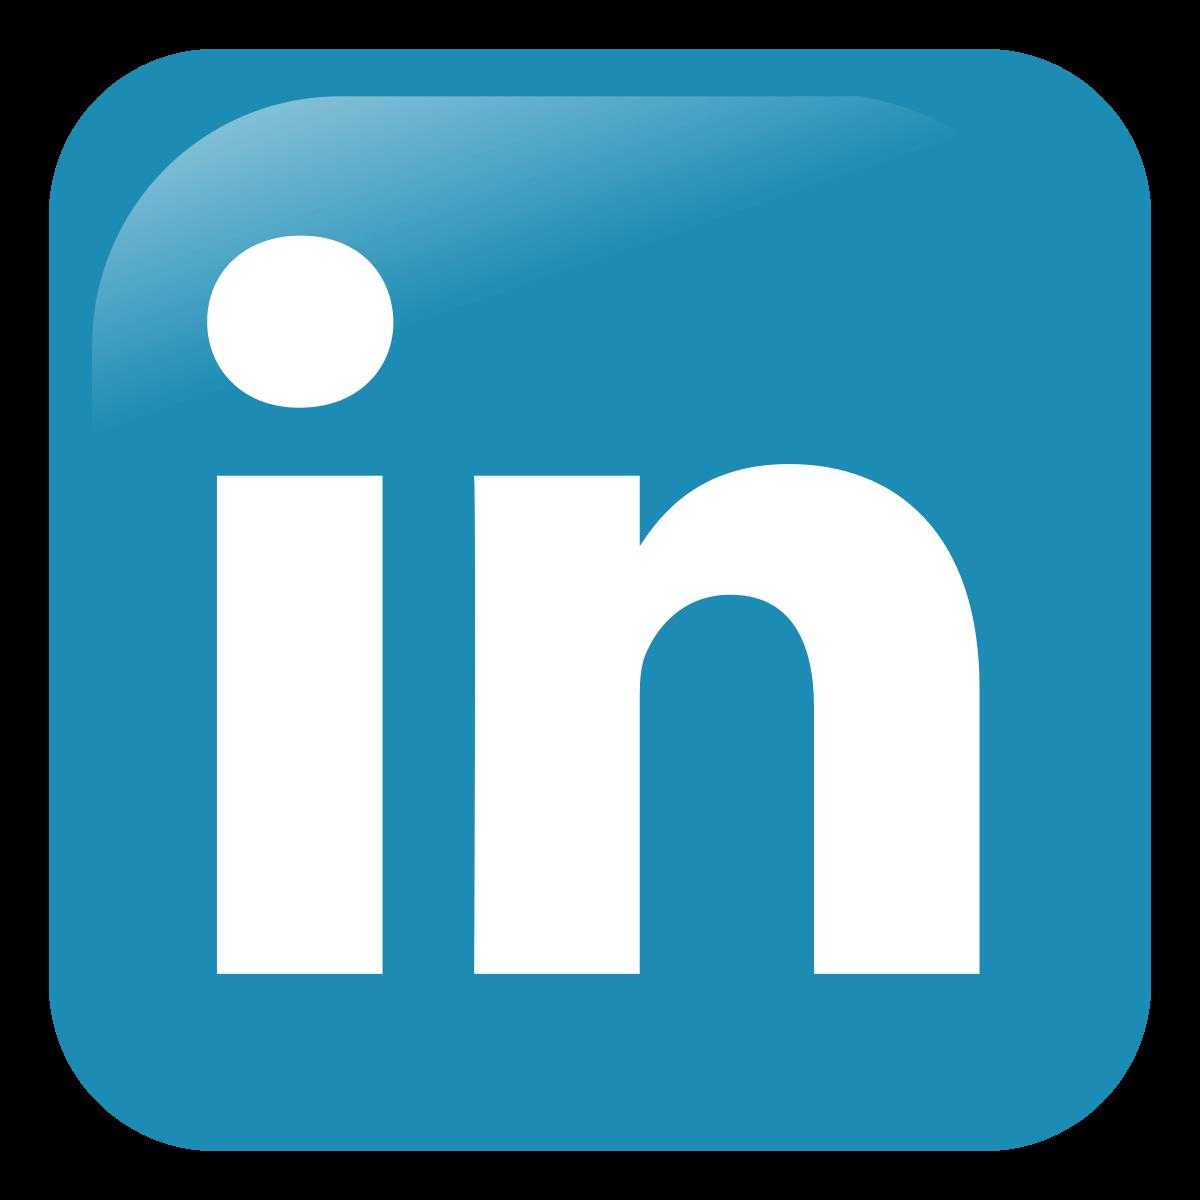 Как раскрутить автосервис в LinkedIn